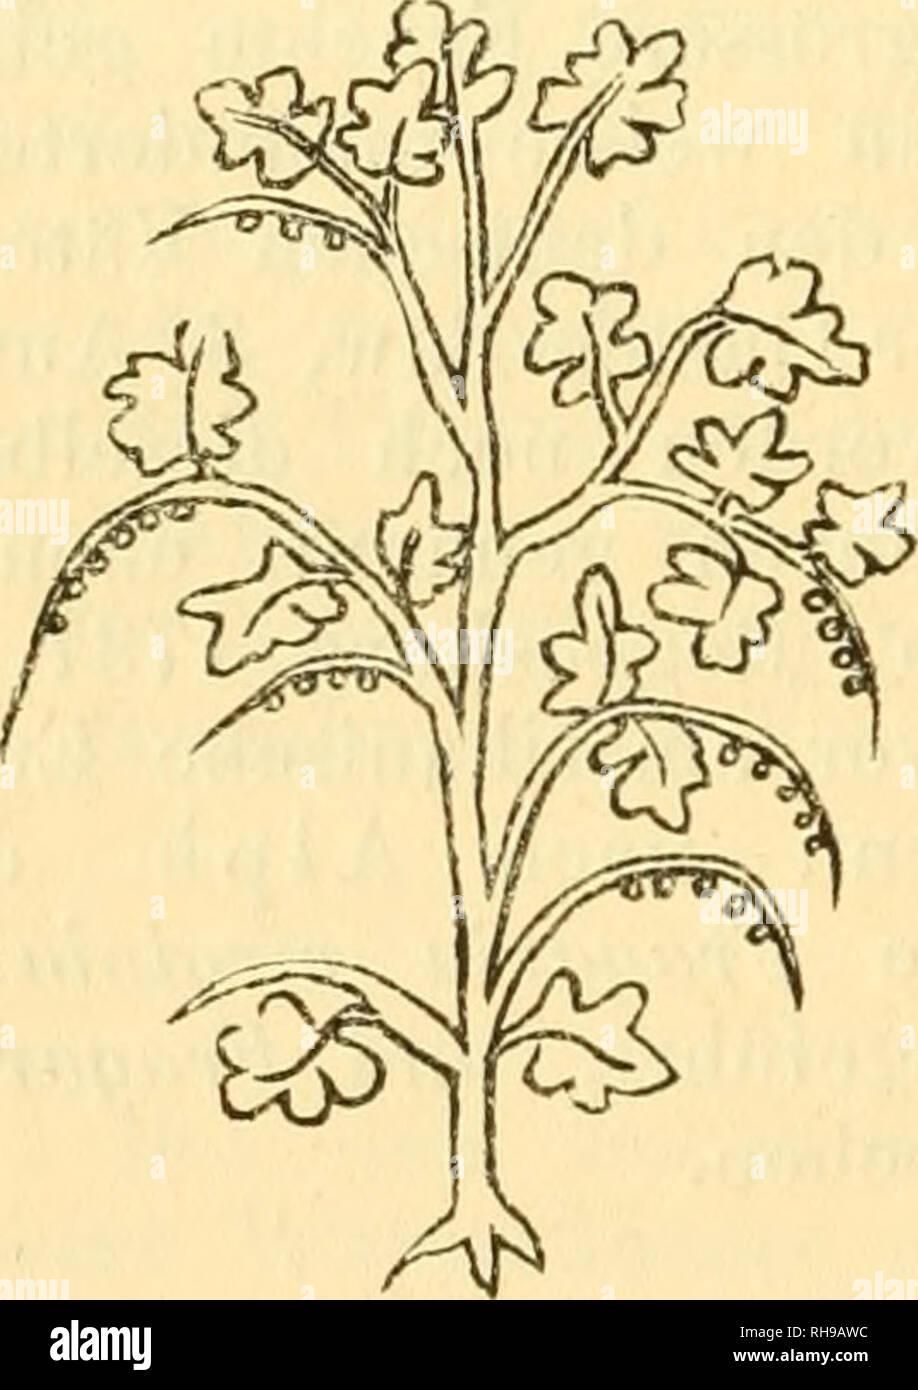 """. Botanisches Zentralblatt; referierendes Organ für das Gesamtgebiet der Botanik. Botanik; Botanik. 372 Fischer-Benzon, Geschichte unseres Beerenobstes. Mussten aber scheitern, weil of this Strauch in Spanien gar-iiicht und in Italien nur in den Gebirgen im Norden des Landes^ und dort auch nur spärlich, vorkommt. Auch in den Schriften des Mittelalters wird sterben Johannisbeere vor dem 15. Jahrhundert nicht erwähnt. Zu Anfang dieses Jahrhunderts wird sie nämlich zum ersten Male genannt in einem Manuskript, das Sterben Glosse^ WJes sunt Johannesdrübel"""" enthält (L. Diefenbach, Glossarium l Stockbild"""